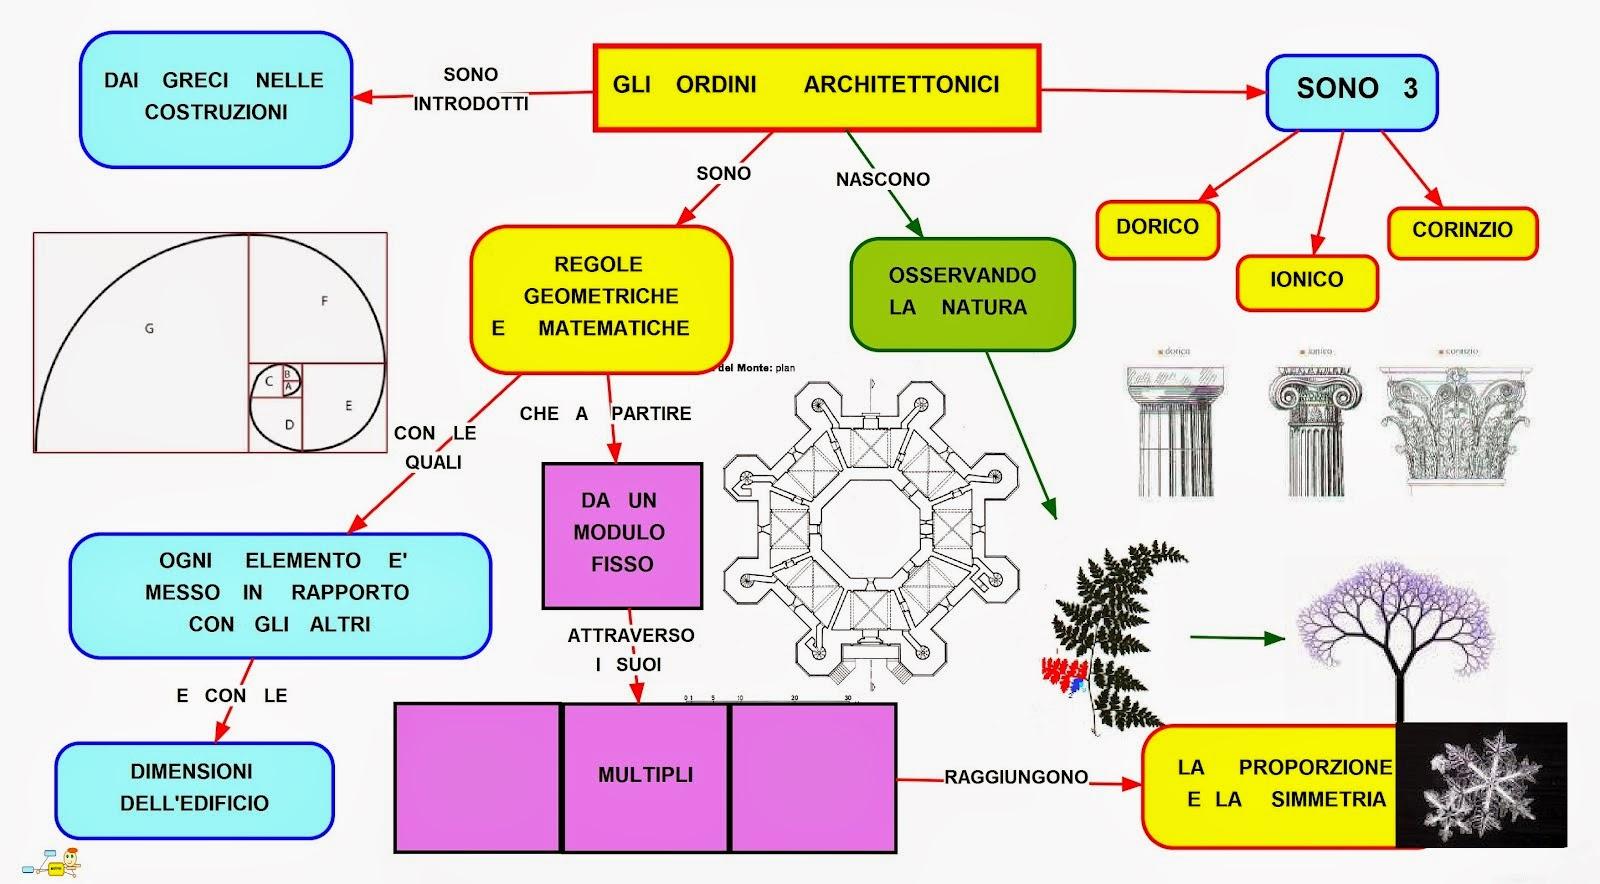 I templi greci e gli ordini architettonici: spiegazione e riassunto